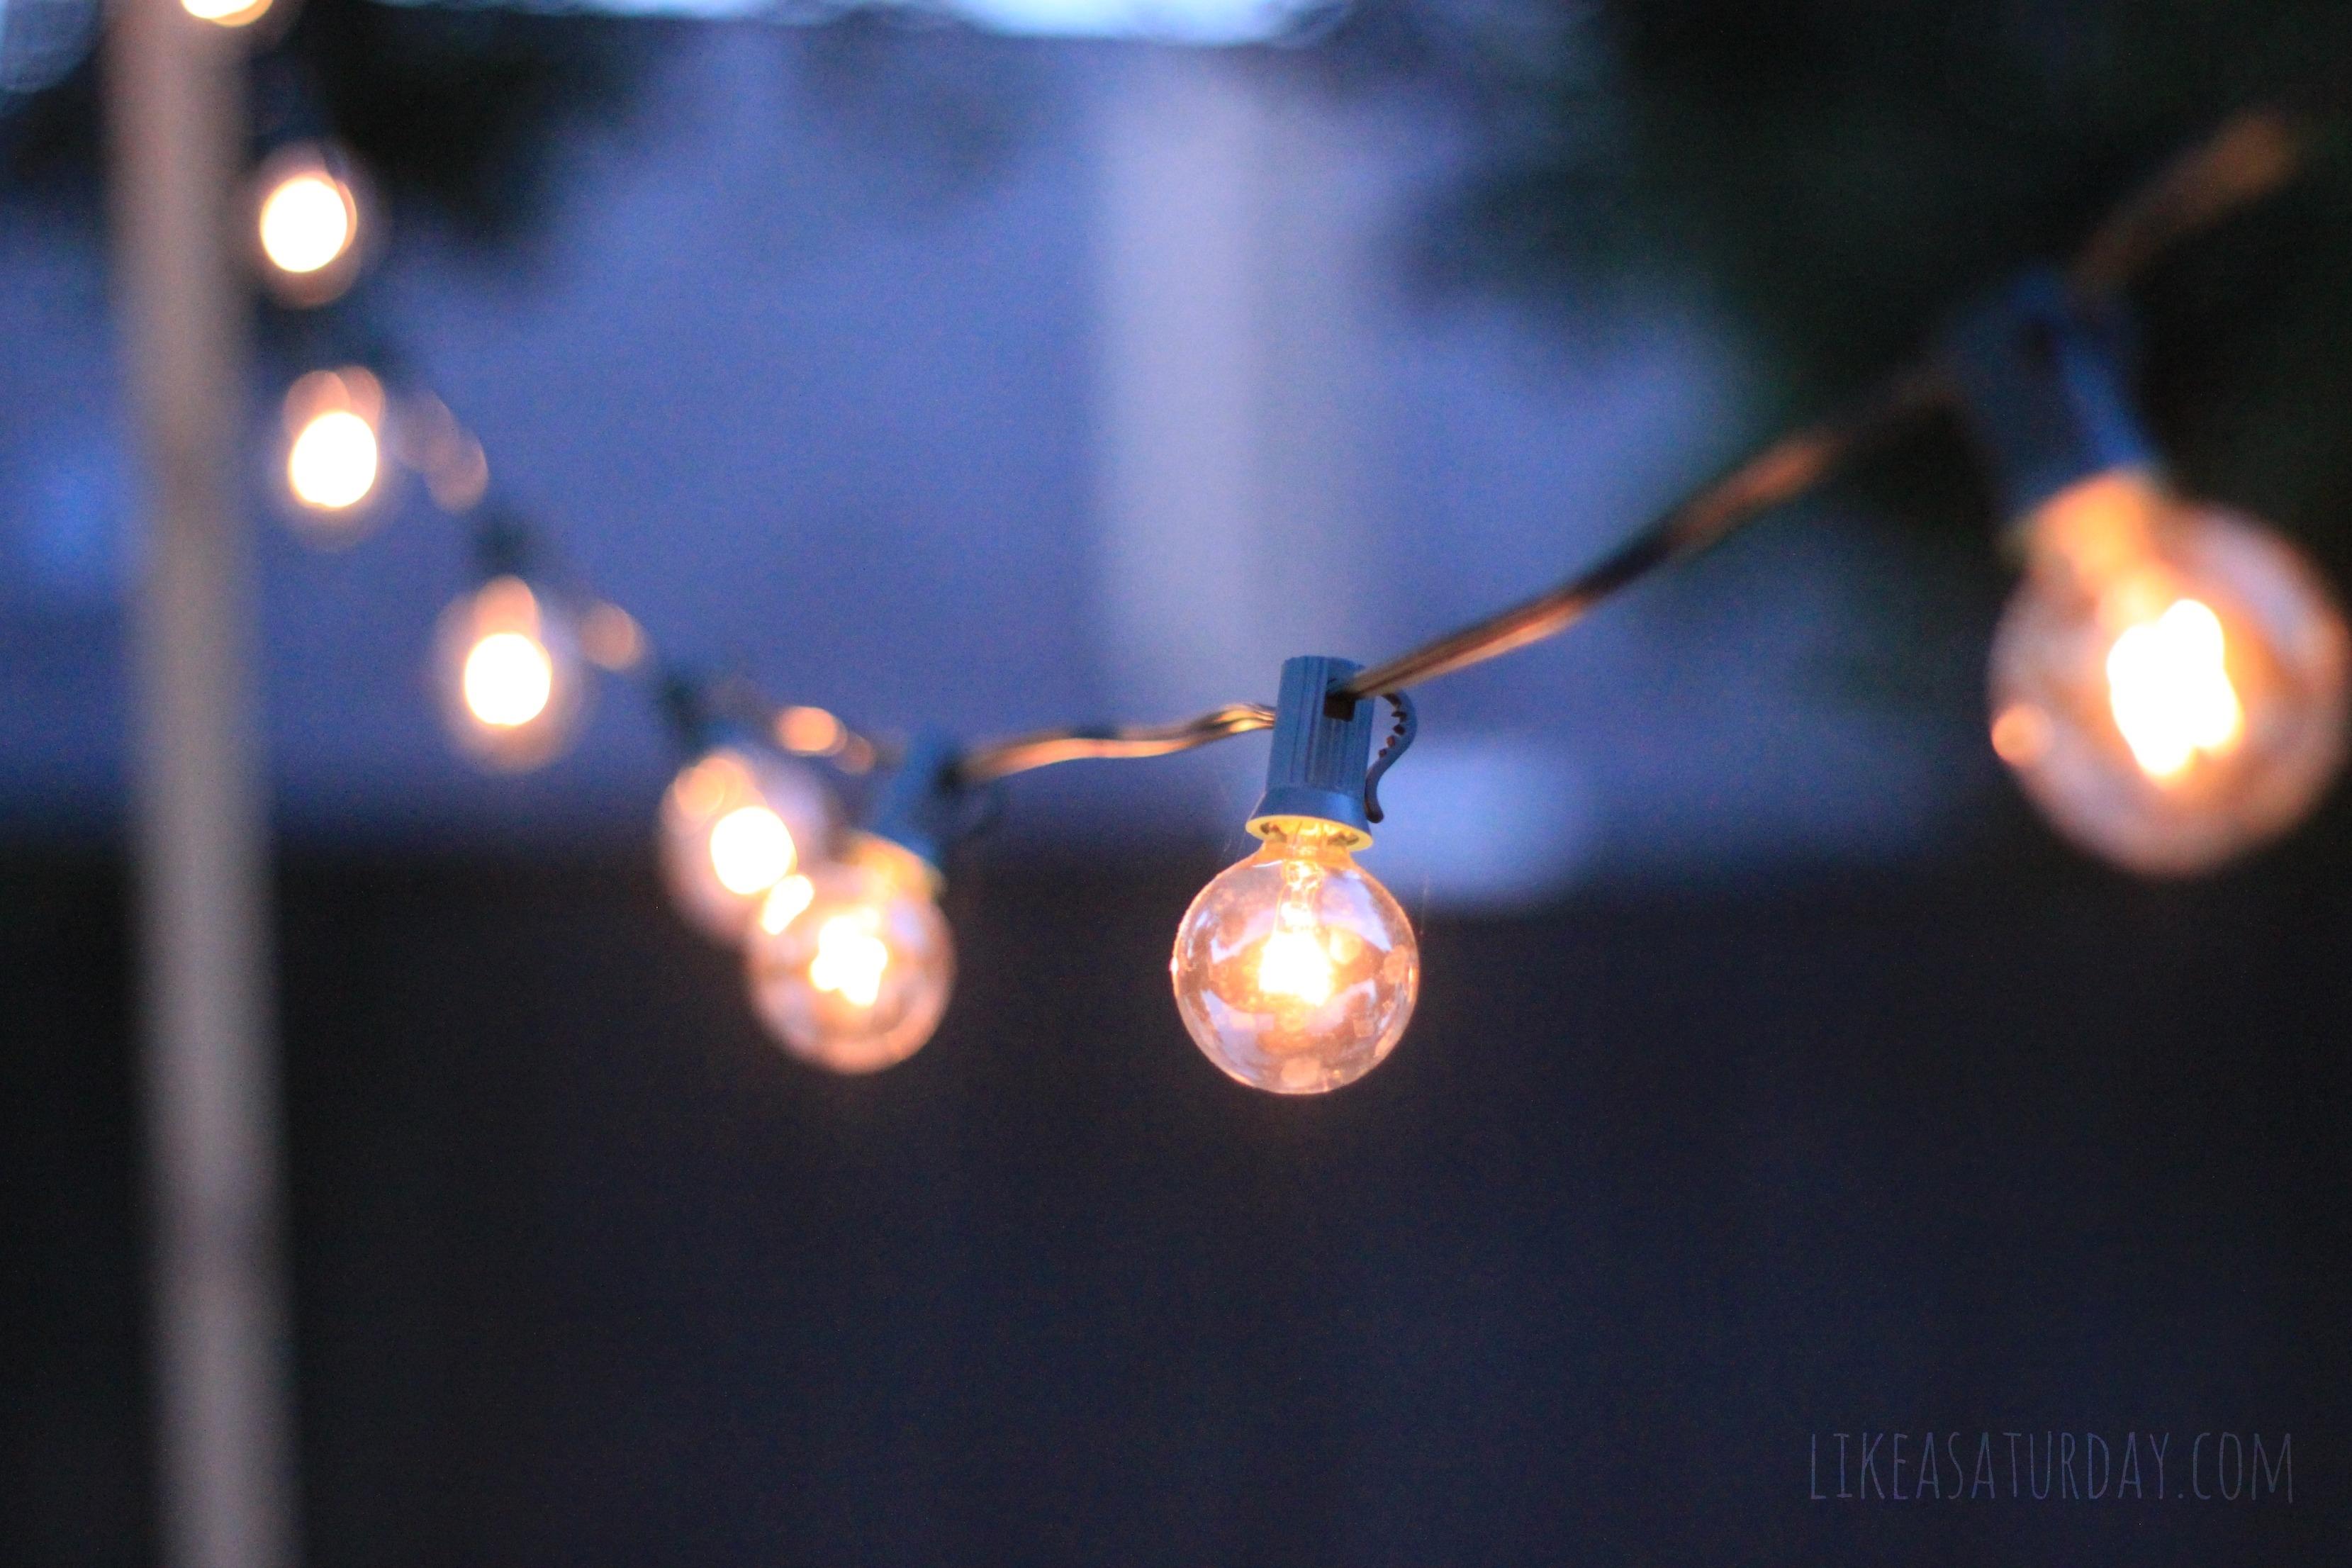 Stringing Lights Outside For Home Depot Outdoor Lights String Patio Regarding Outdoor Hanging String Light Bulbs (#15 of 15)